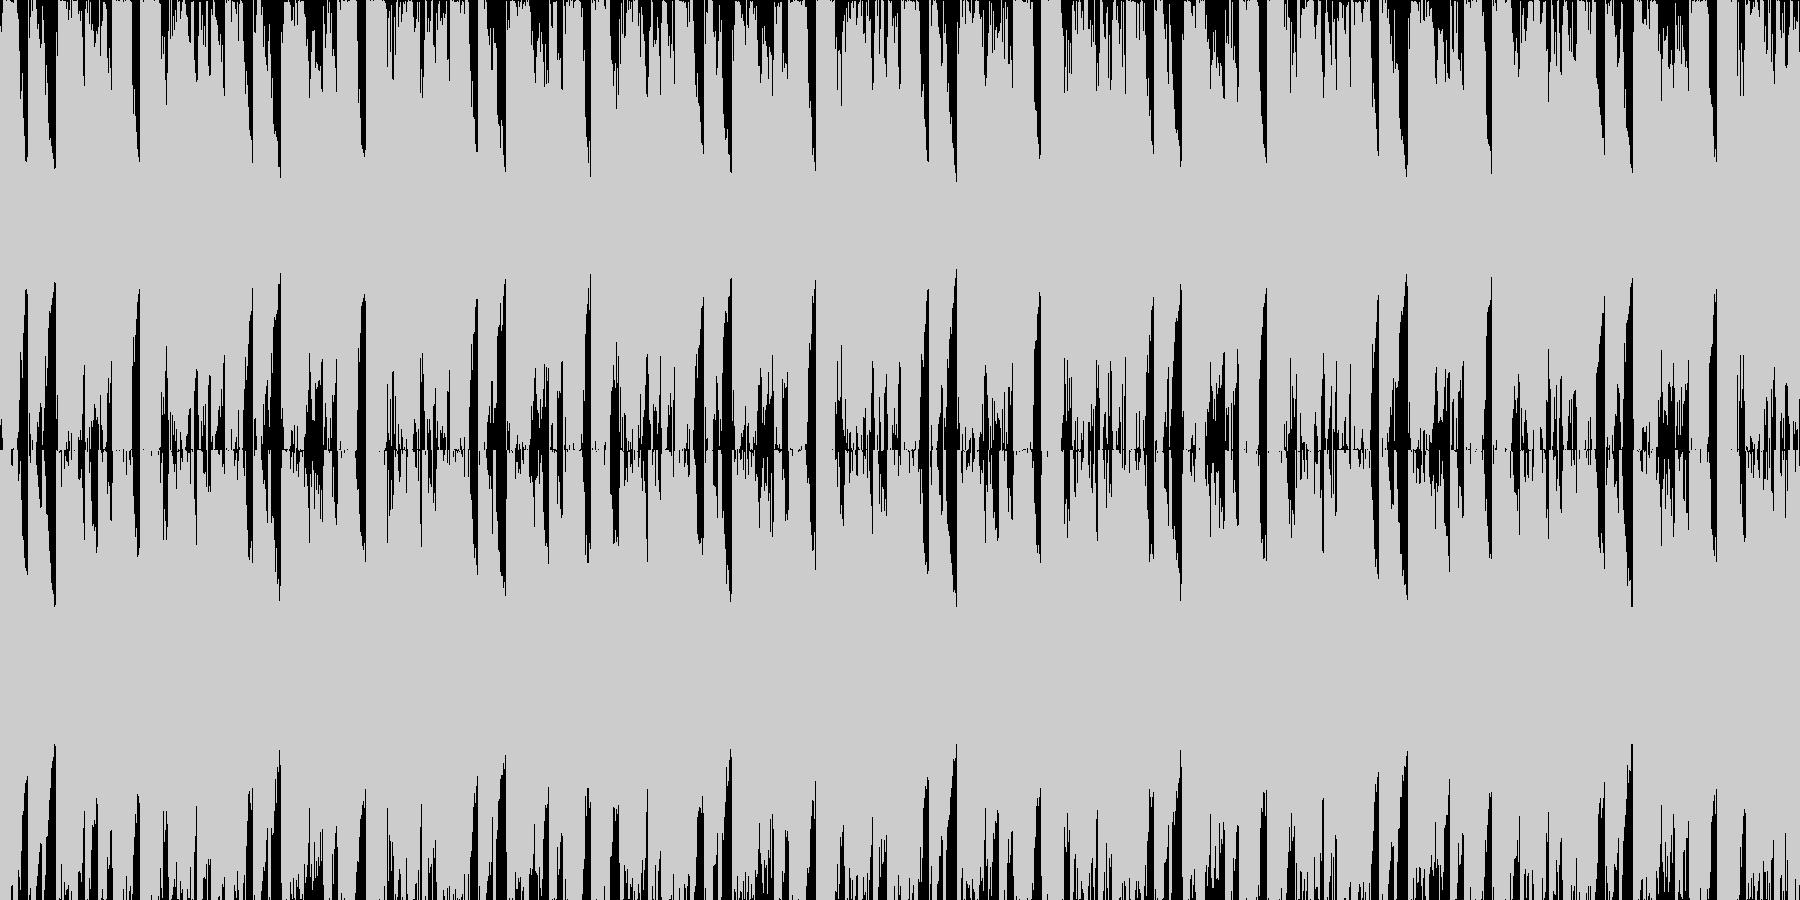 パワフル疾走感あるクセになるループ素材の未再生の波形